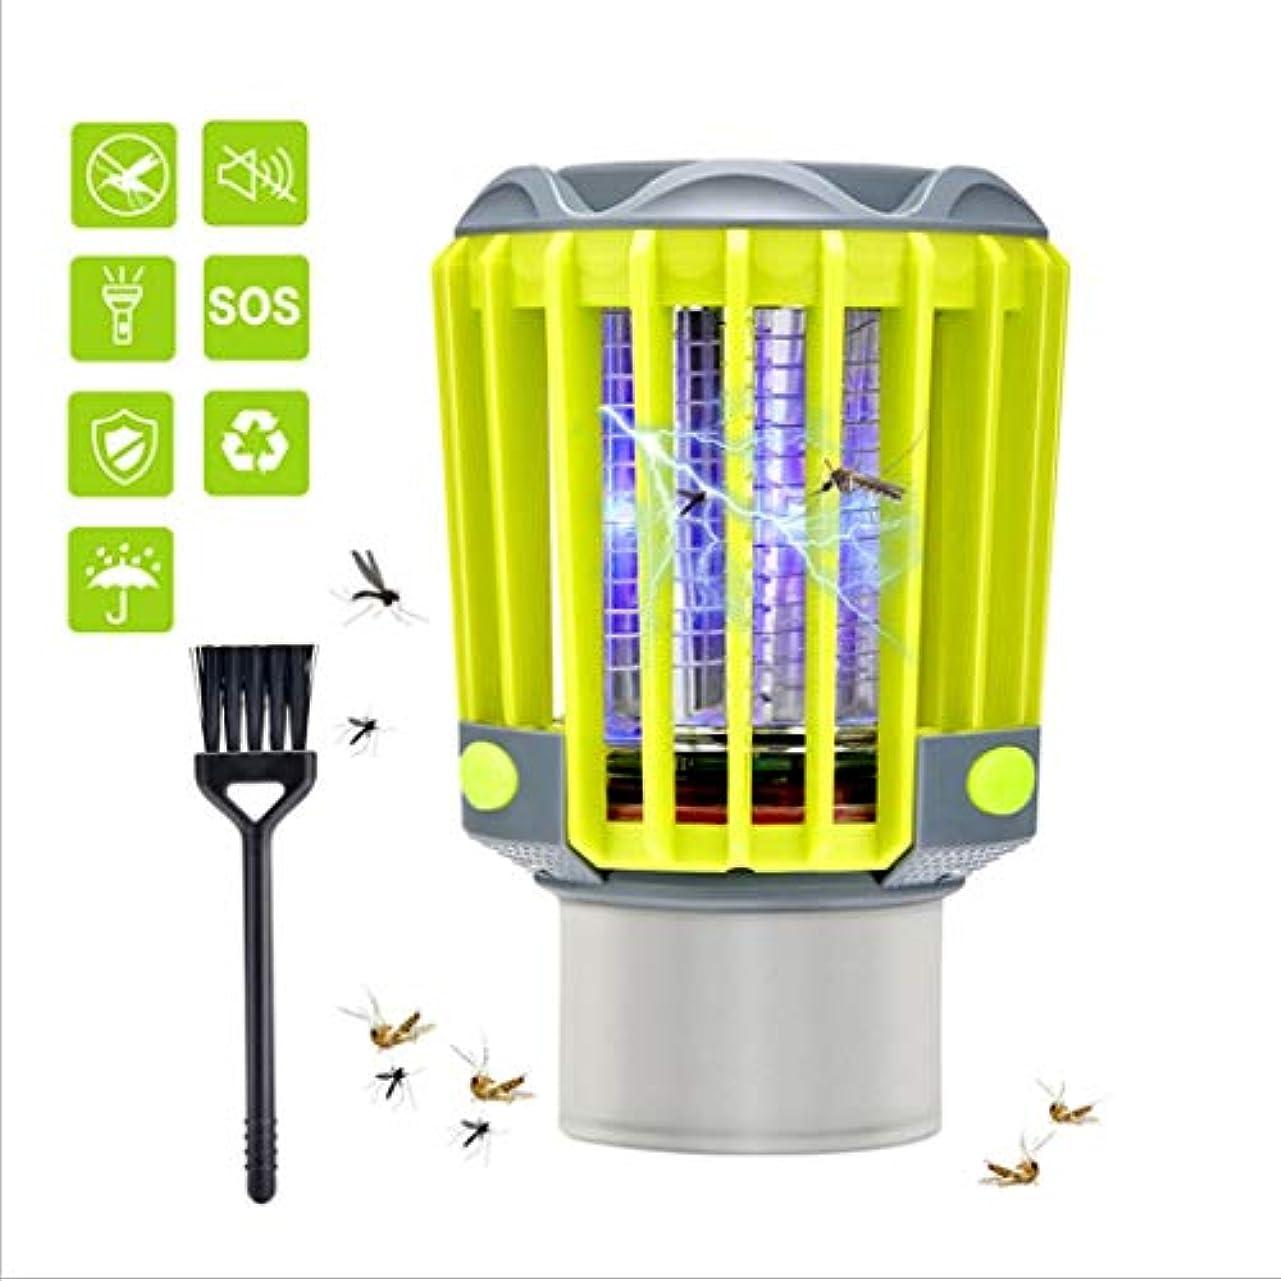 モジュールリーン宣伝蚊キラーランプ電気虫ザッパー、多機能防水USBいいえ放射線ミュートLEDランプホーム屋内屋外